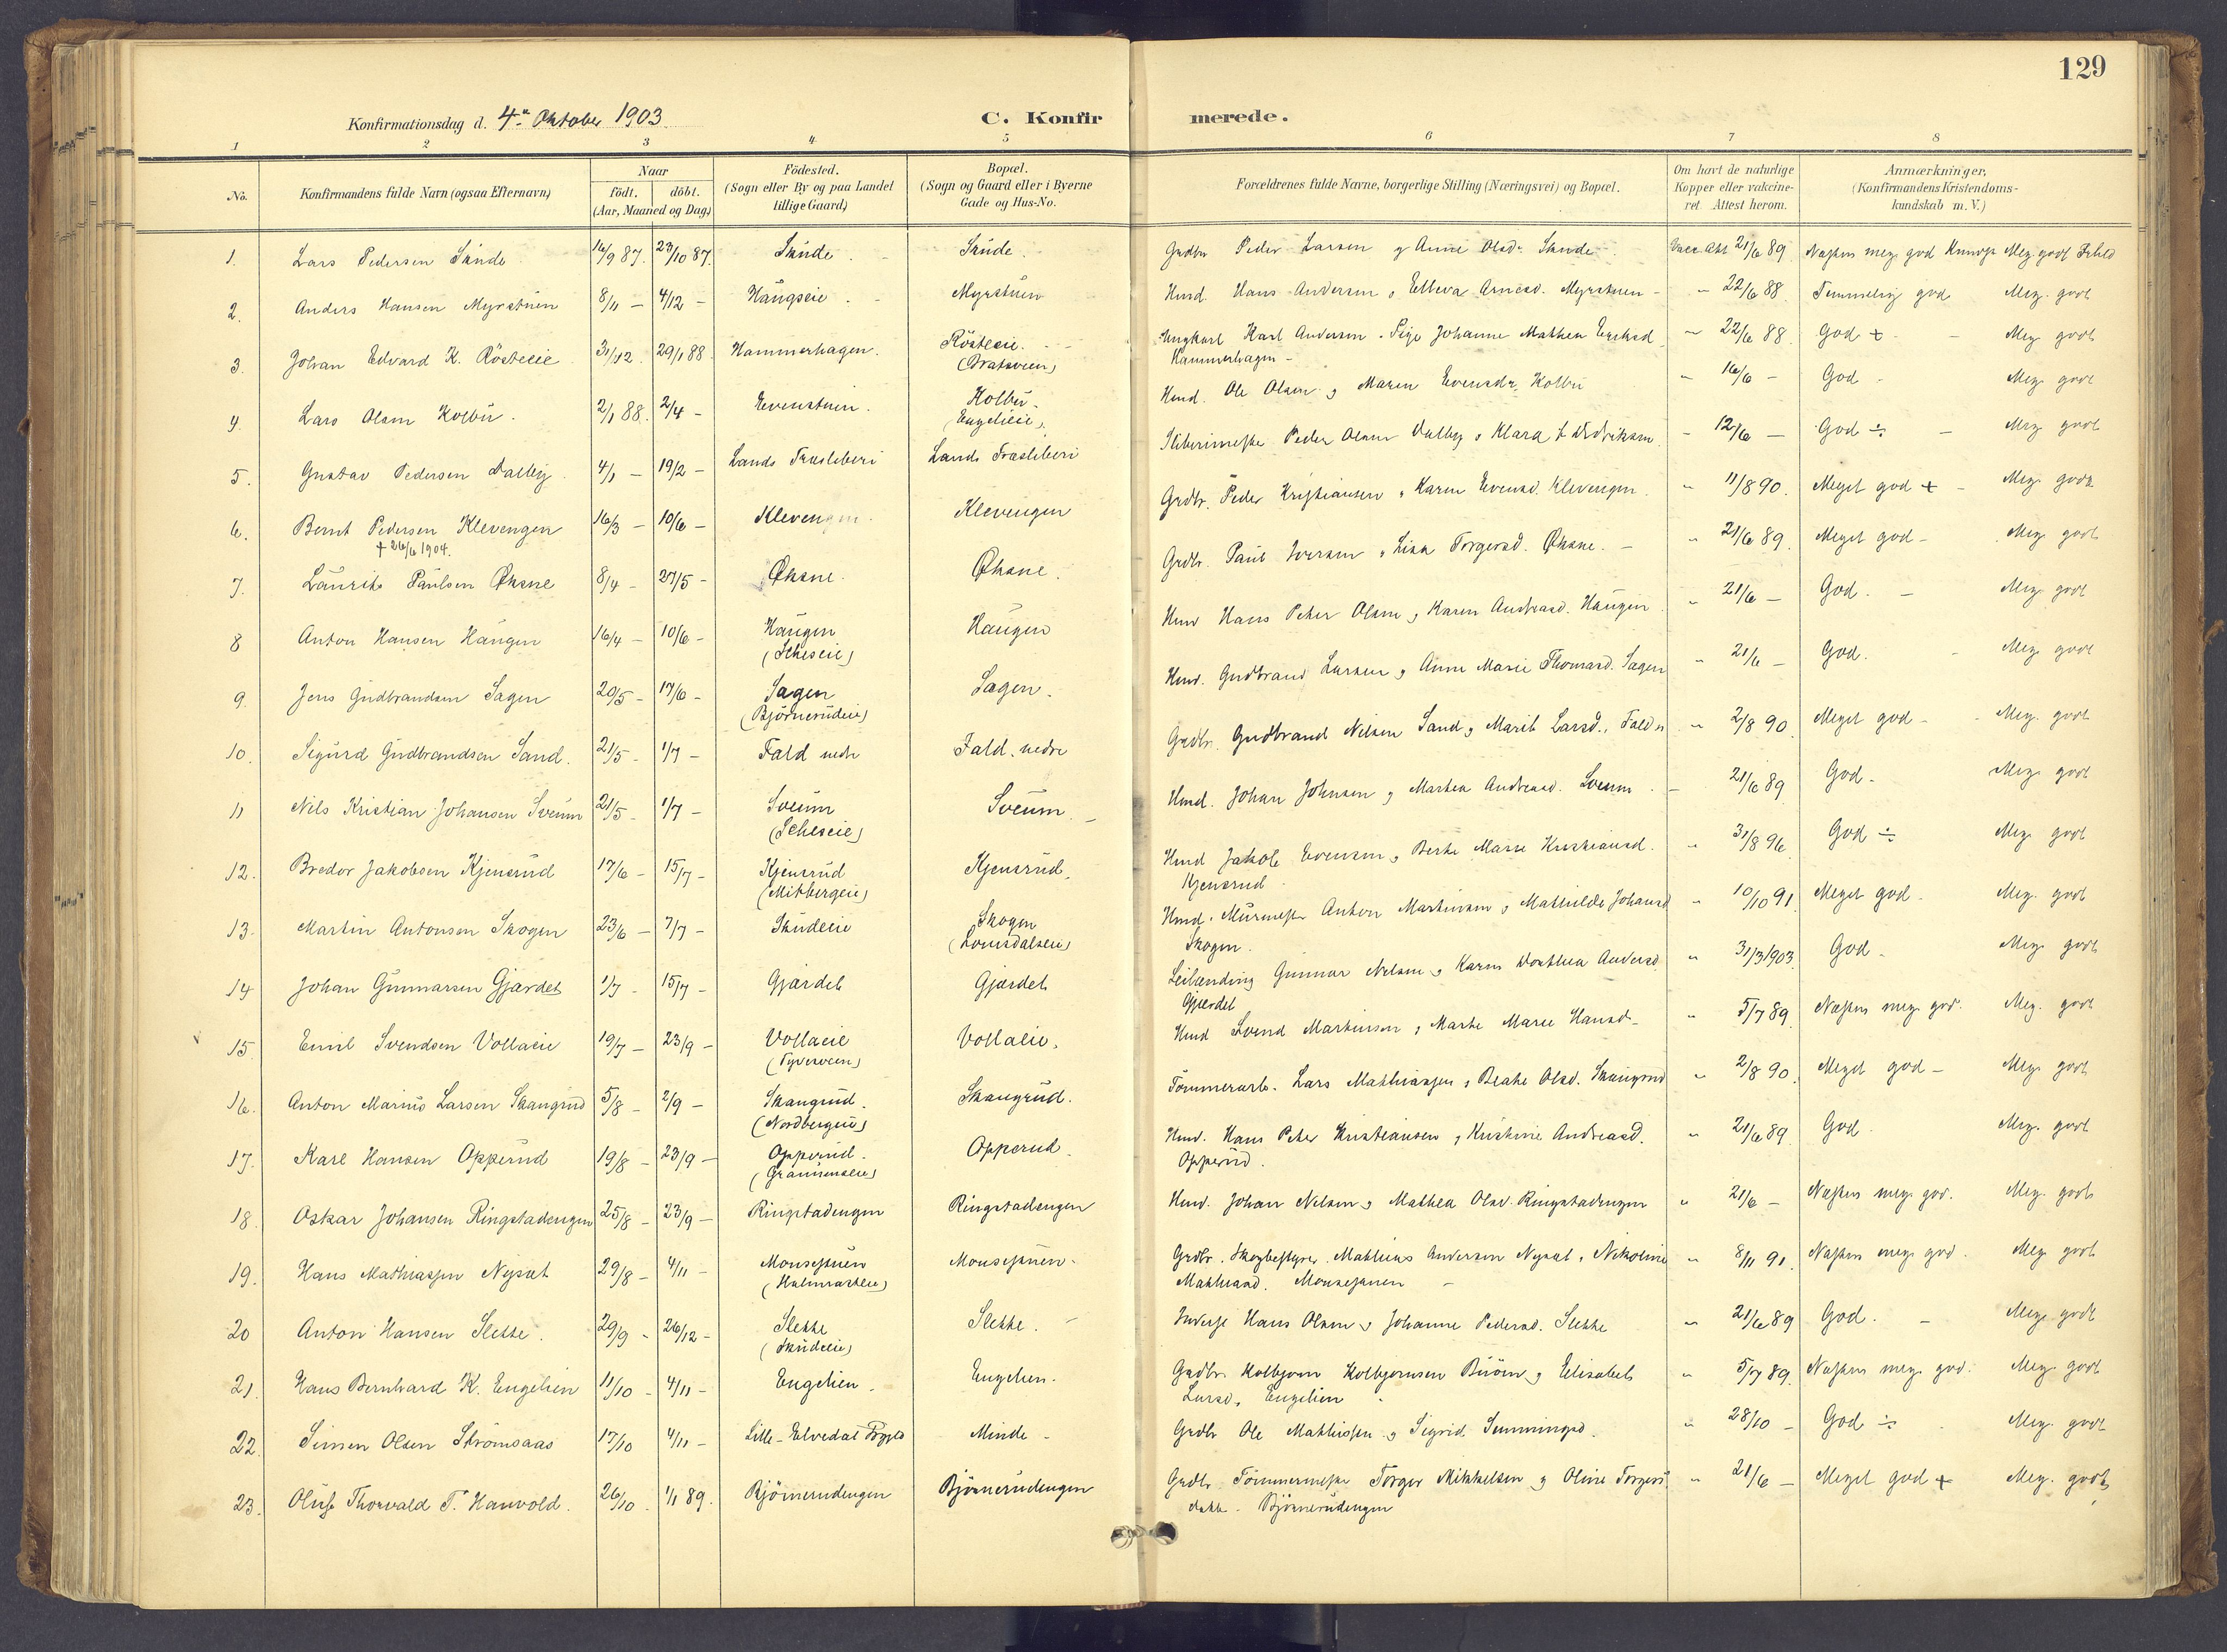 SAH, Søndre Land prestekontor, K/L0006: Ministerialbok nr. 6, 1895-1904, s. 129